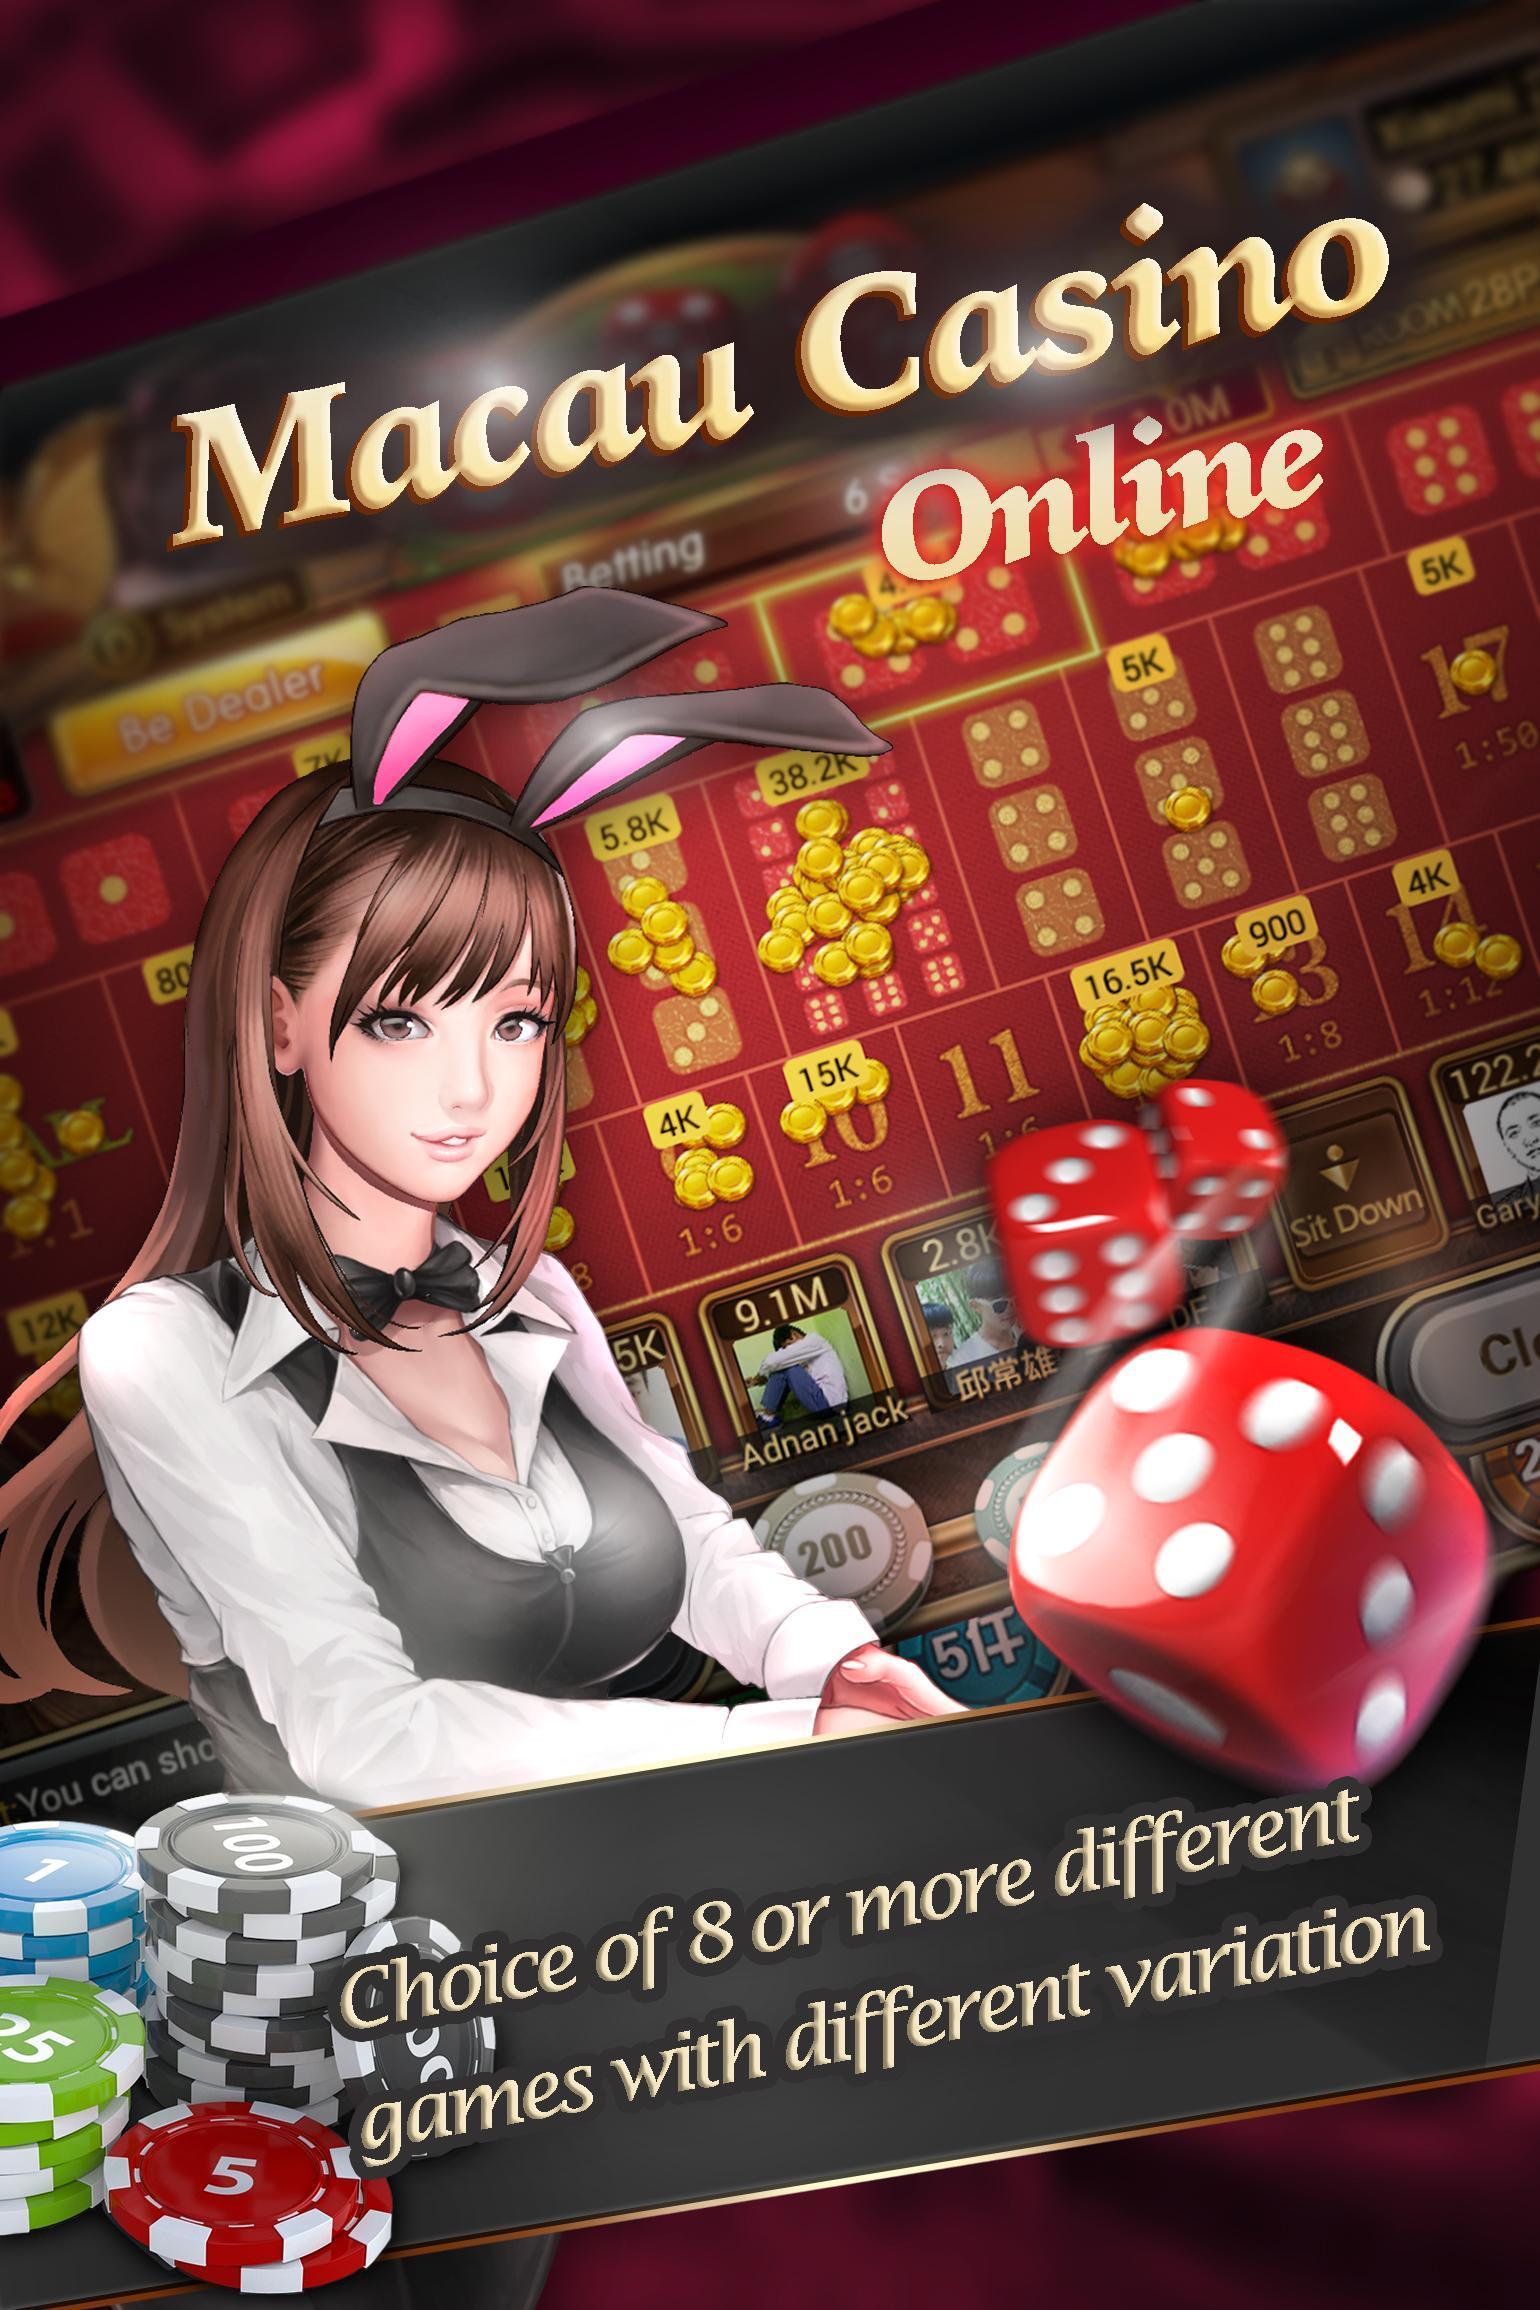 Макао онлайн казино игровые аппараты производство словения zlato clab